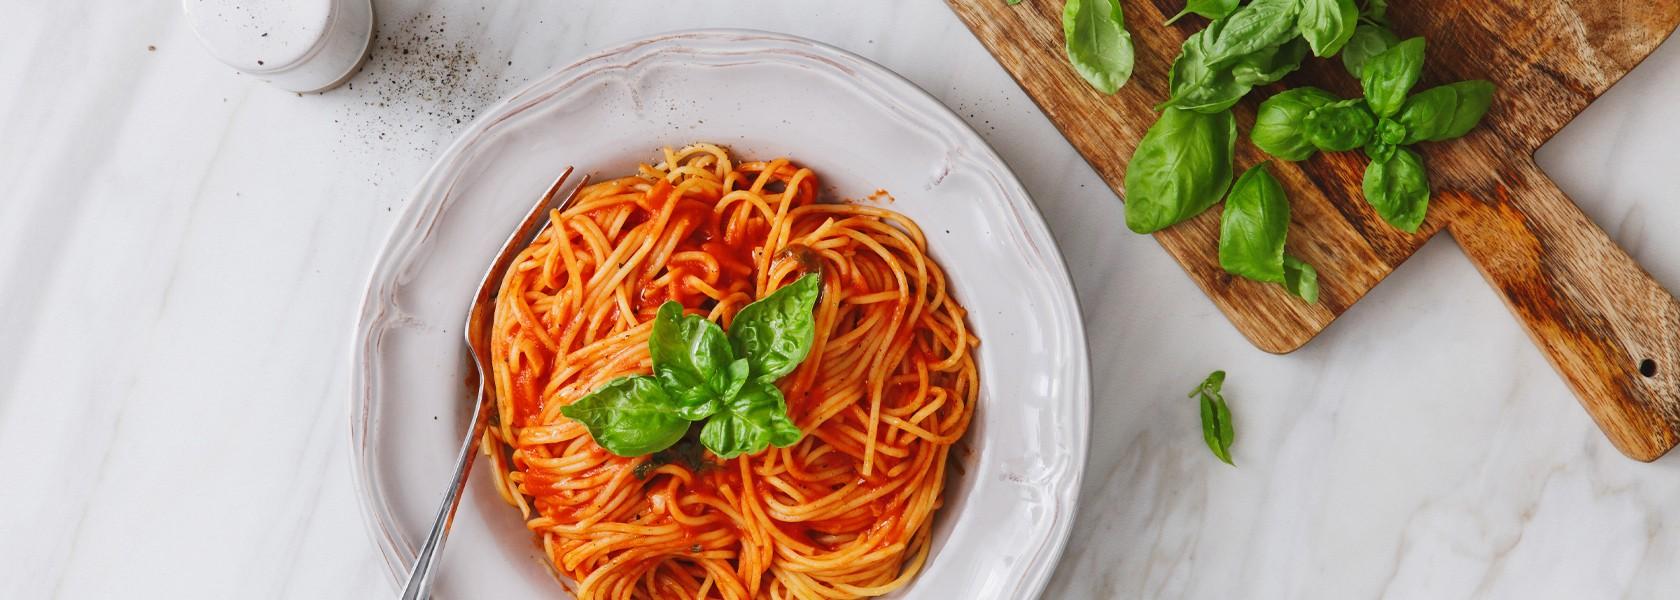 Ein Teller Spaghetti, verfeinert mit frischem Basilikum.